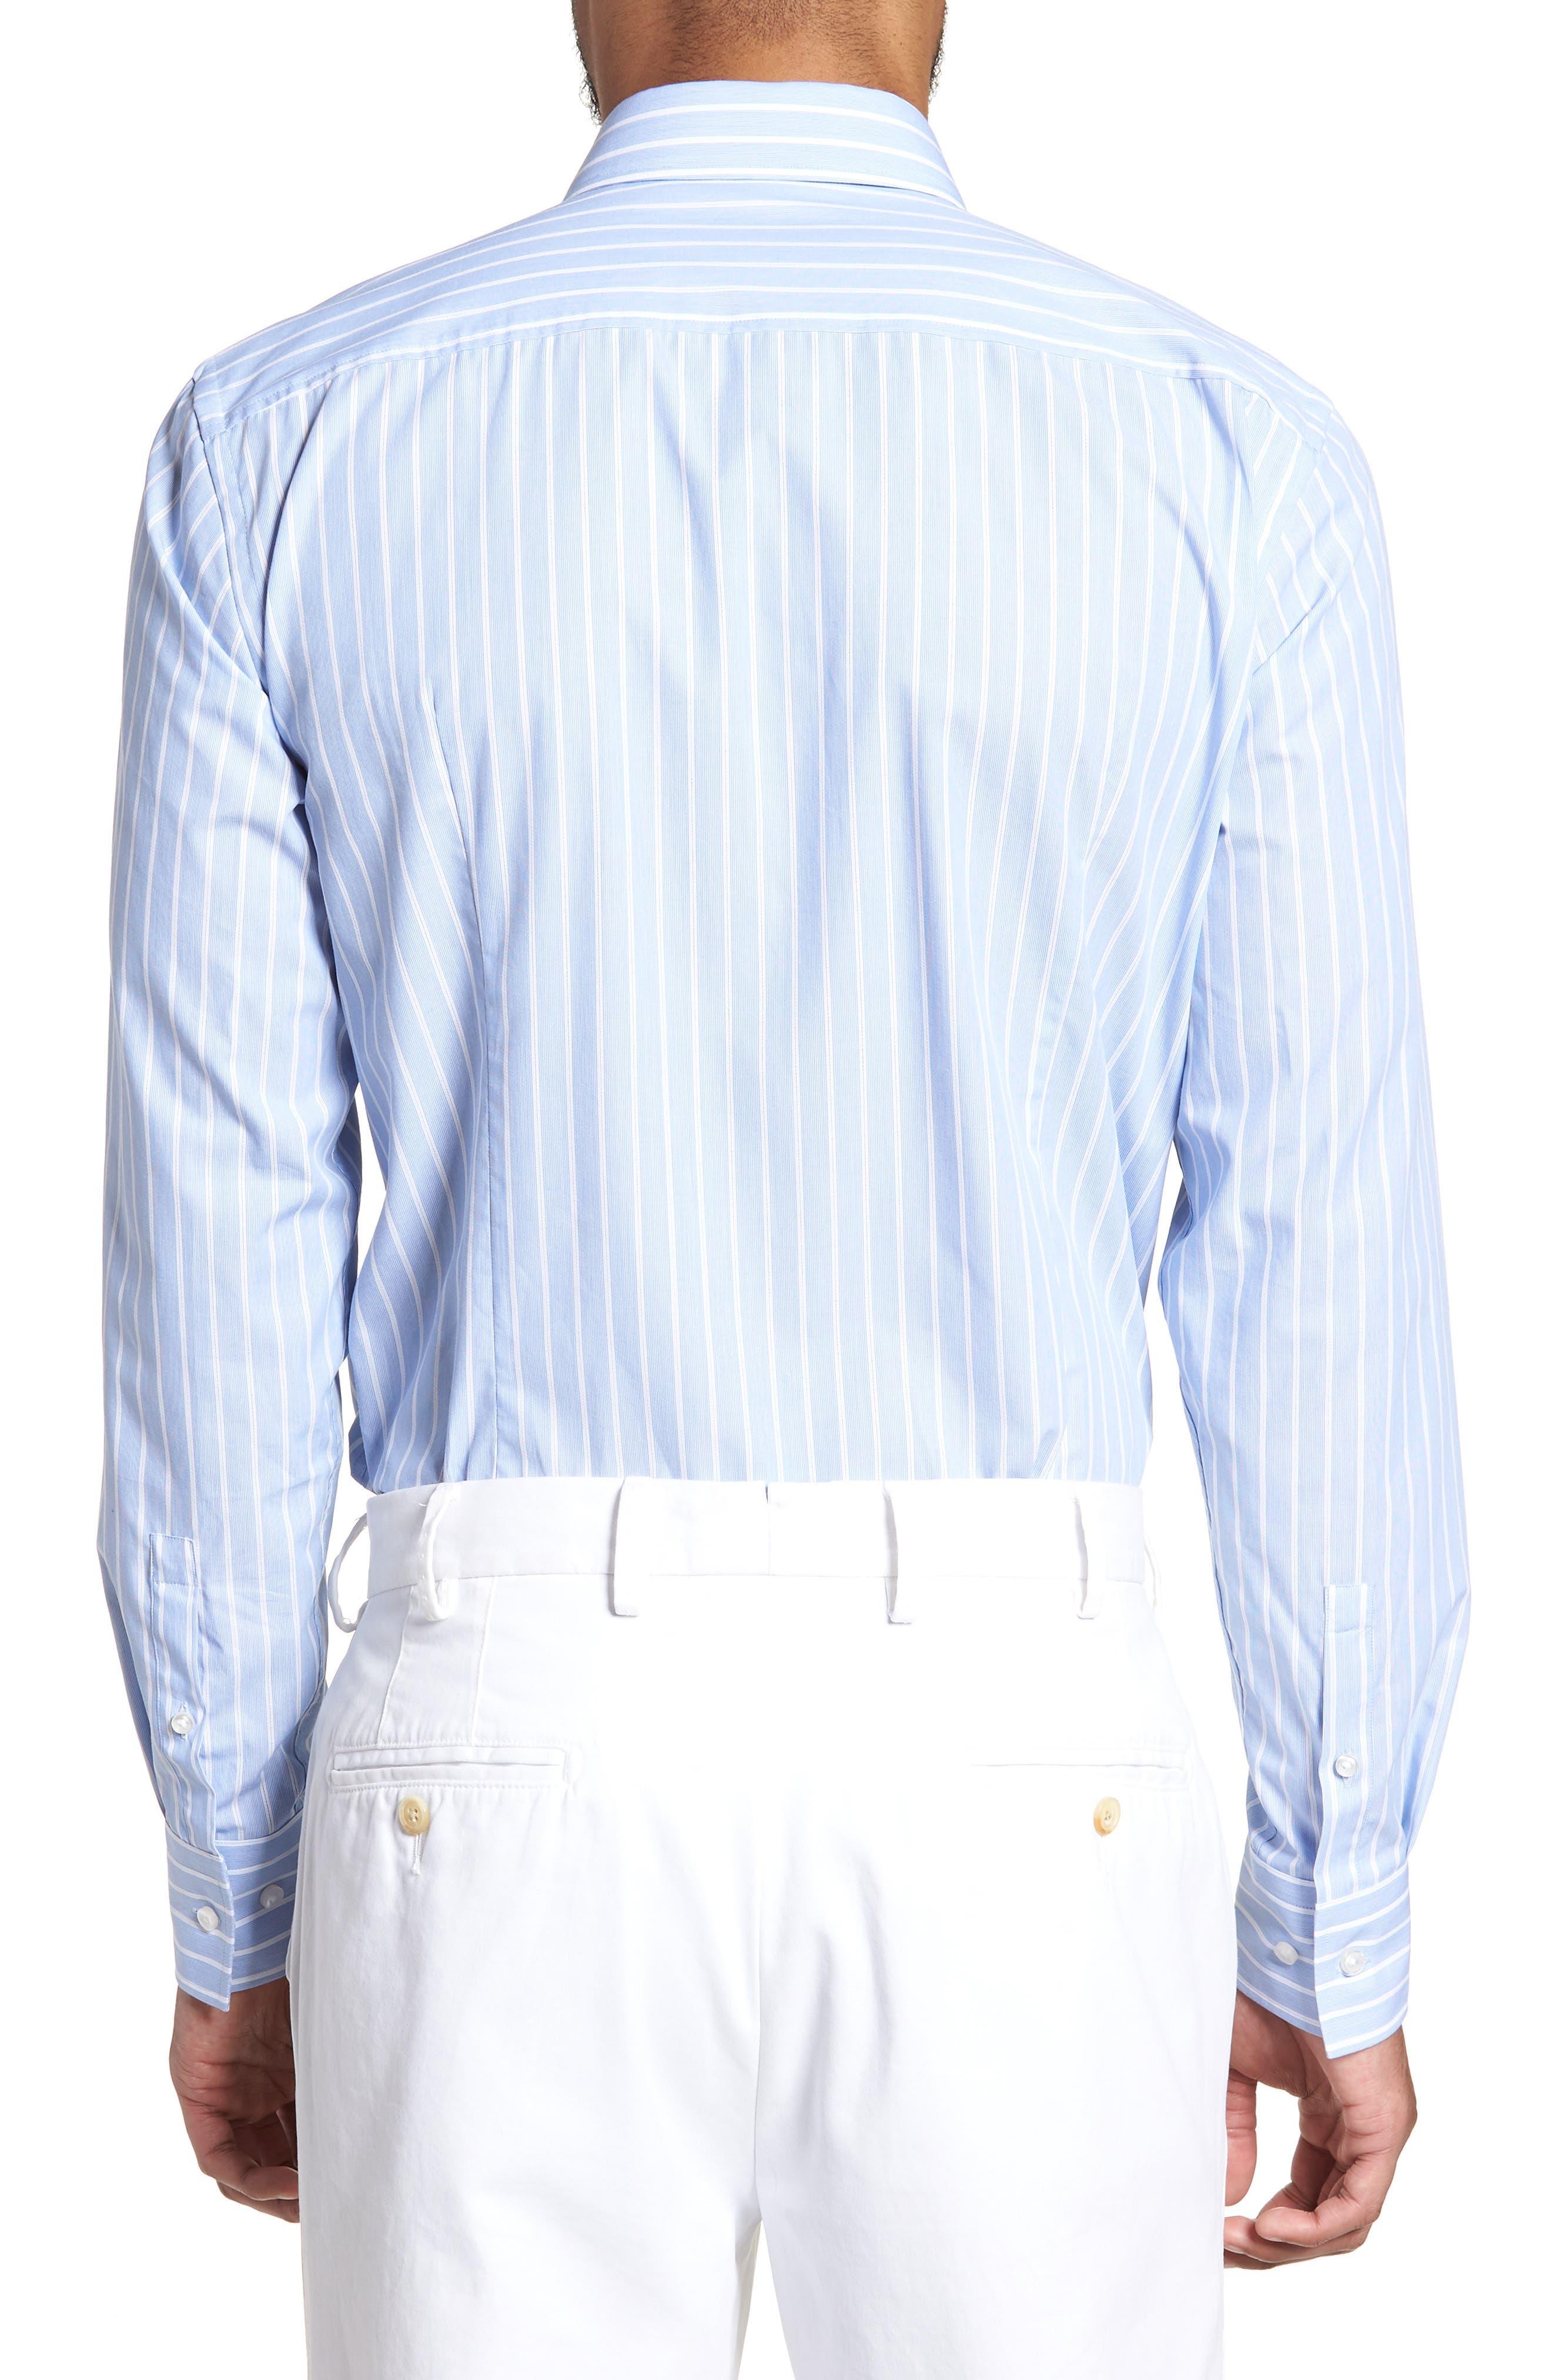 Jenno Slim Fit Stripe Dress Shirt,                             Alternate thumbnail 3, color,                             Blue